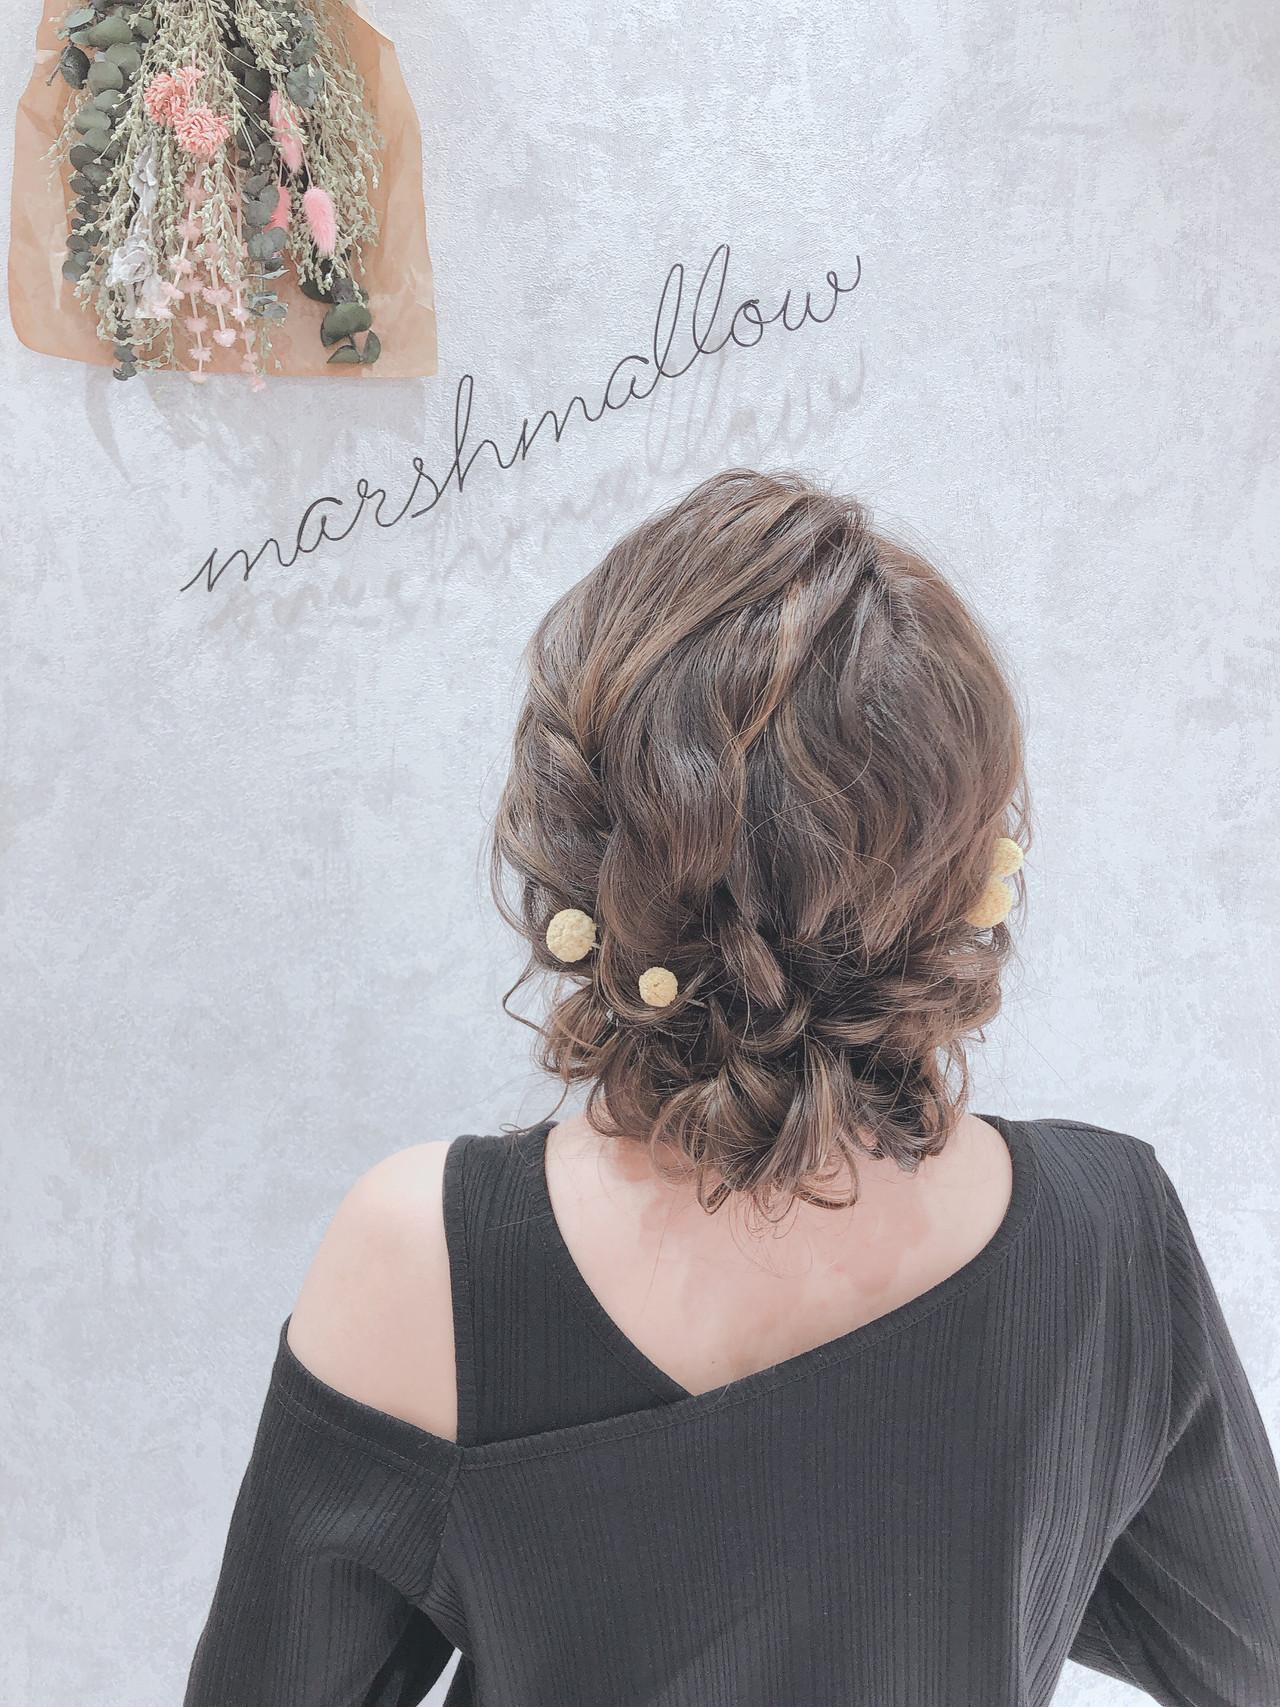 外国人風 セミロング 大人かわいい フェミニン ヘアスタイルや髪型の写真・画像 | Nana★Marshmallow / Marshmallow styling/photo